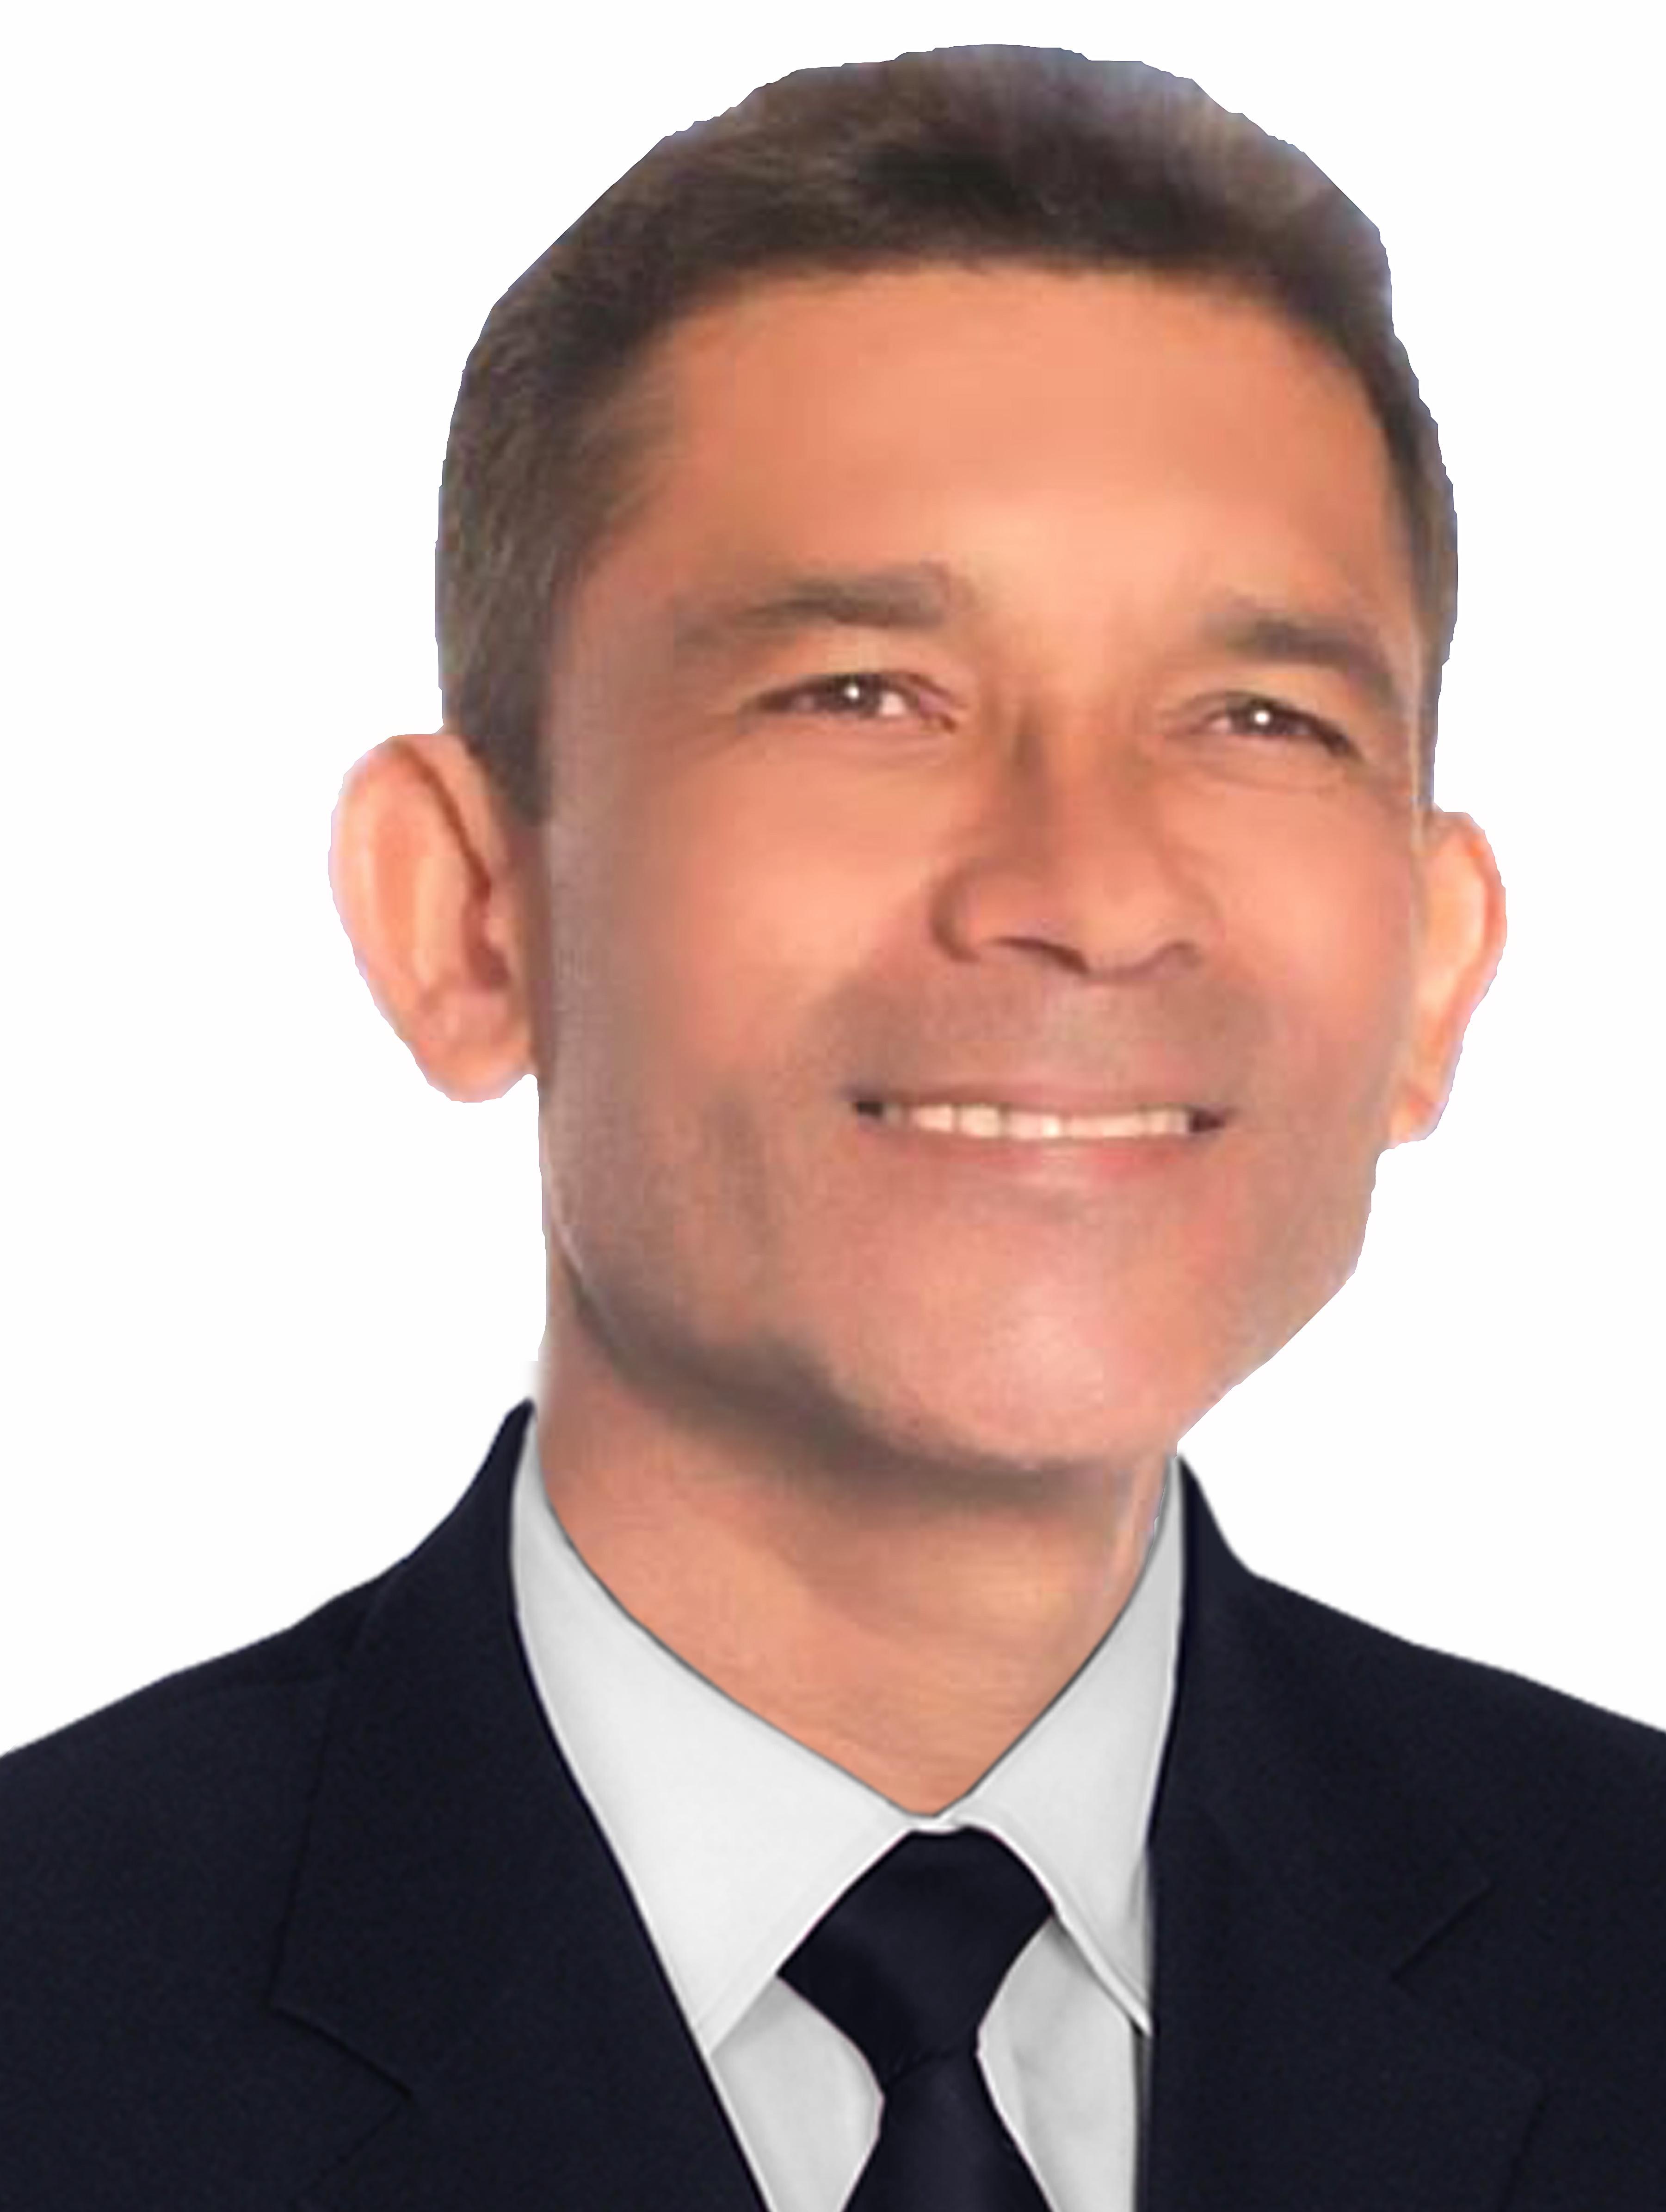 João Ferreira Leite